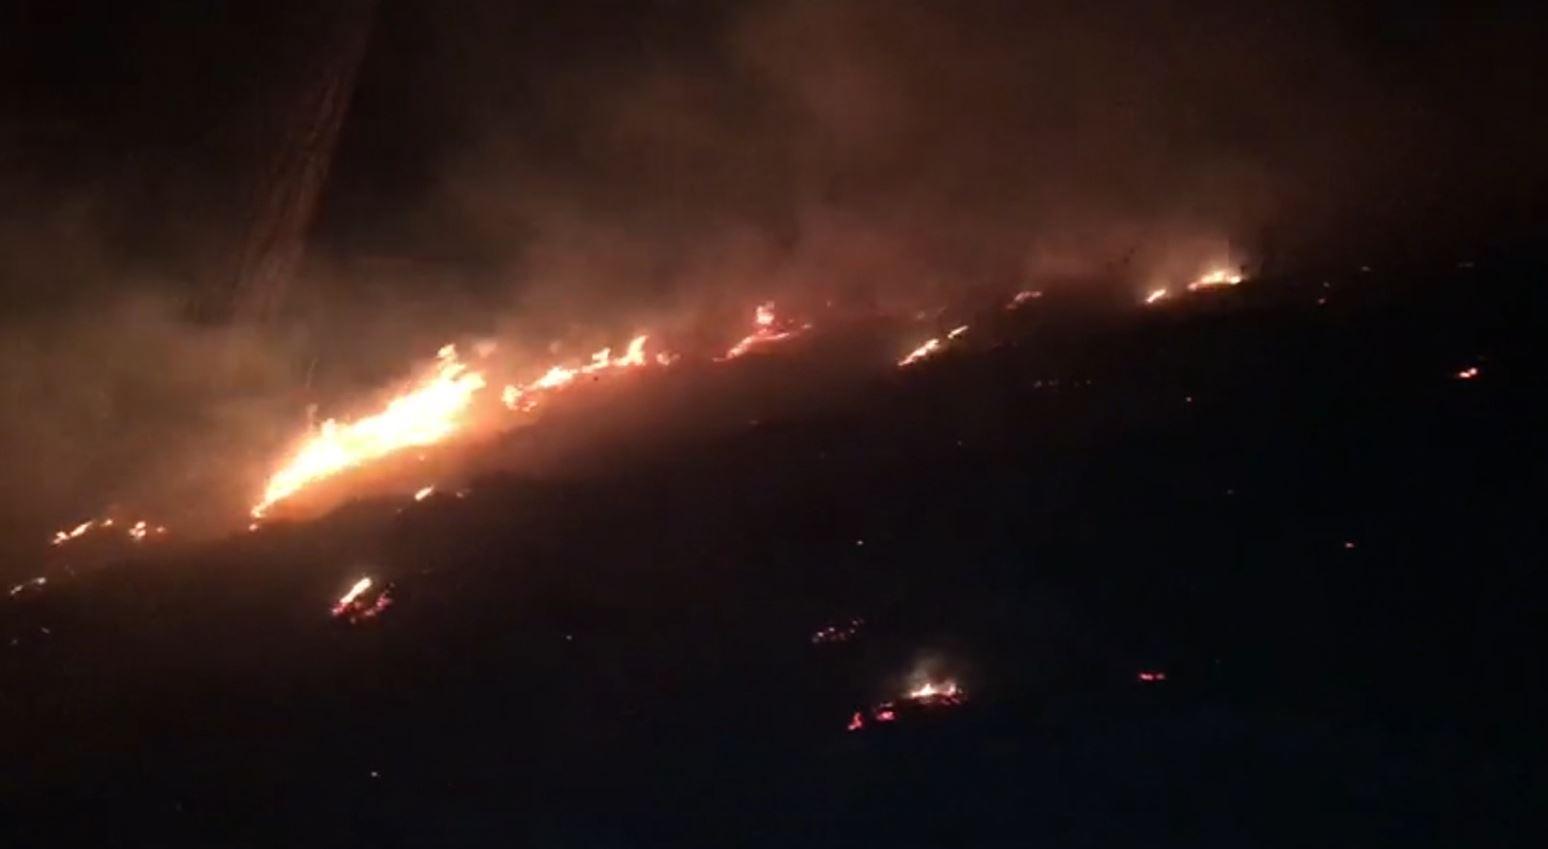 Zjarr në kodrat e Krapsit në Fier, era e fuqishme përhap flakët